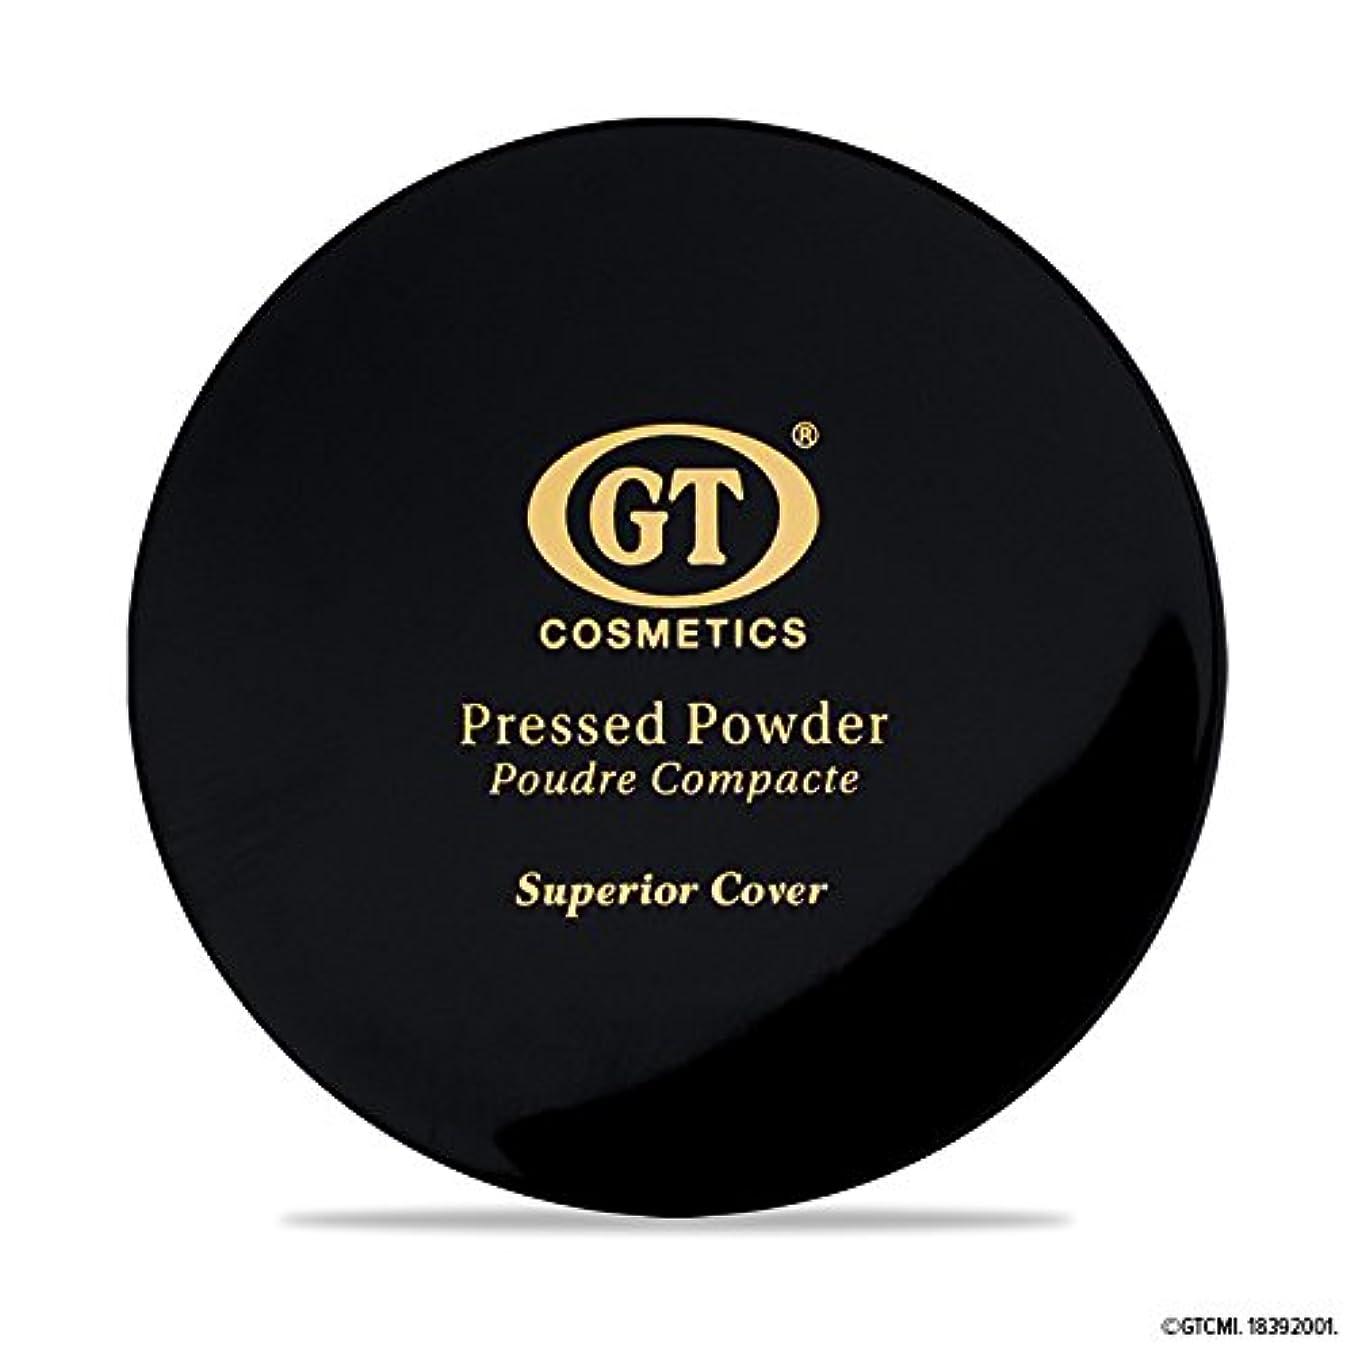 アラームチーズフォルダGTpressed powder ナチュラルベージュ SPF20 正規輸入代理店 日本初上陸 コスメティック オーガニック ファンデーション